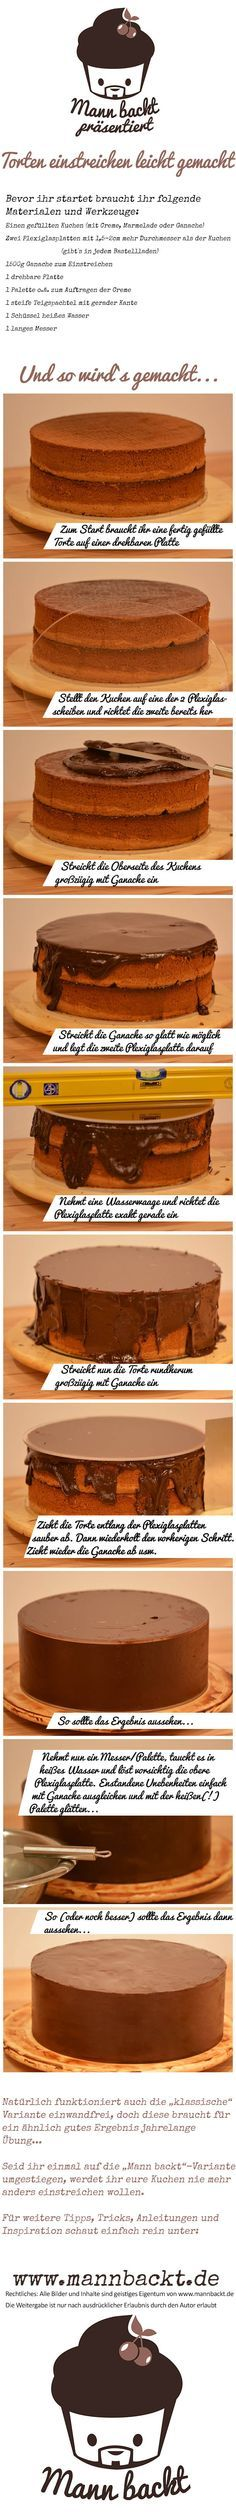 [Anleitung] Torten einstreichen leicht gemacht… so verhelft ihr eurer Torte zu einer perfekten Oberfläche › Man(n) backt